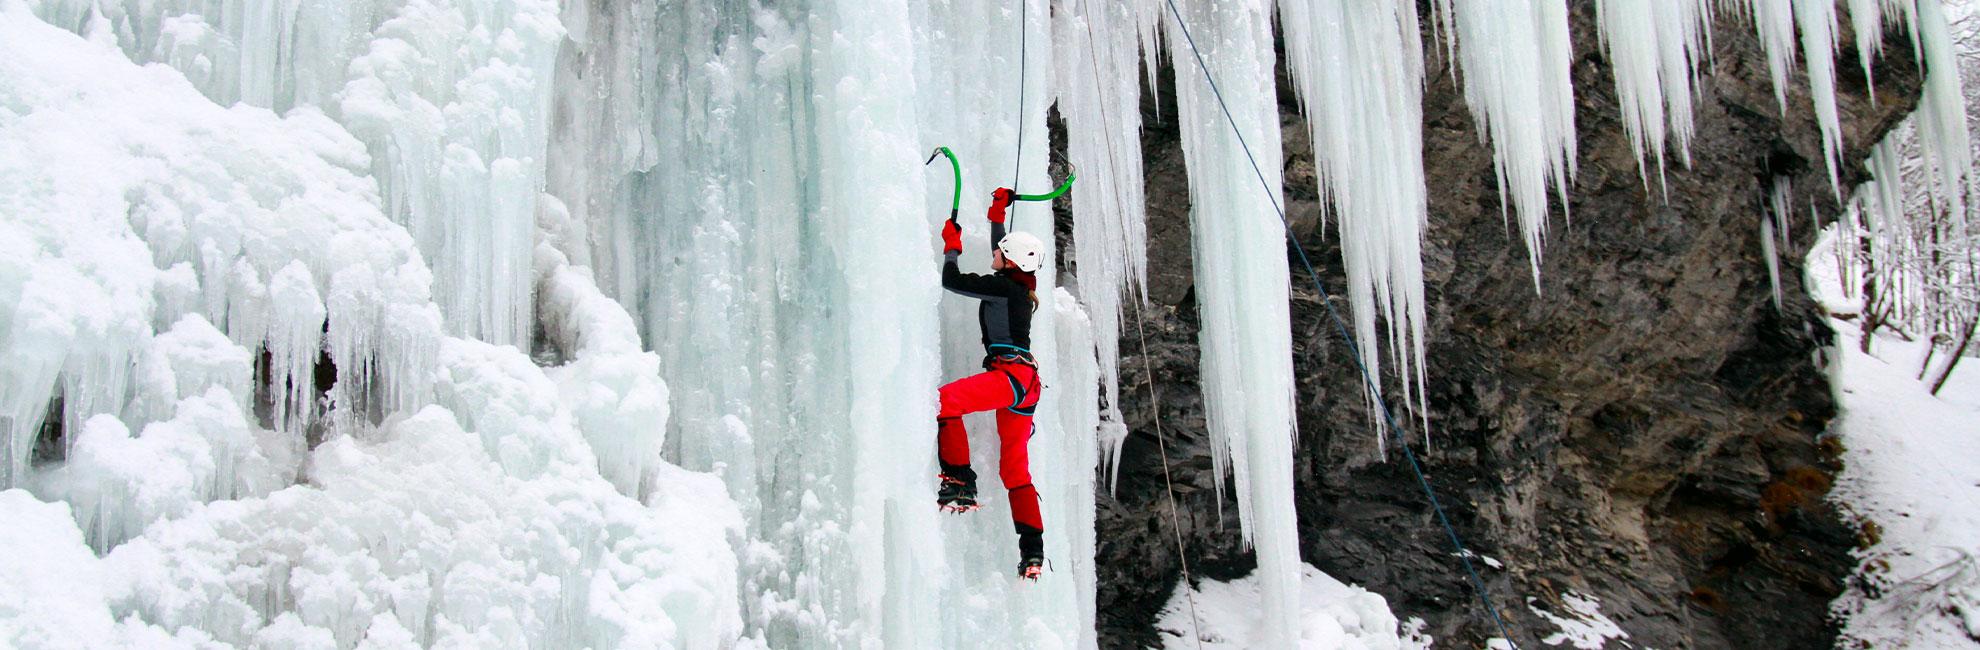 isklättring Kurs i Jämtland med guide